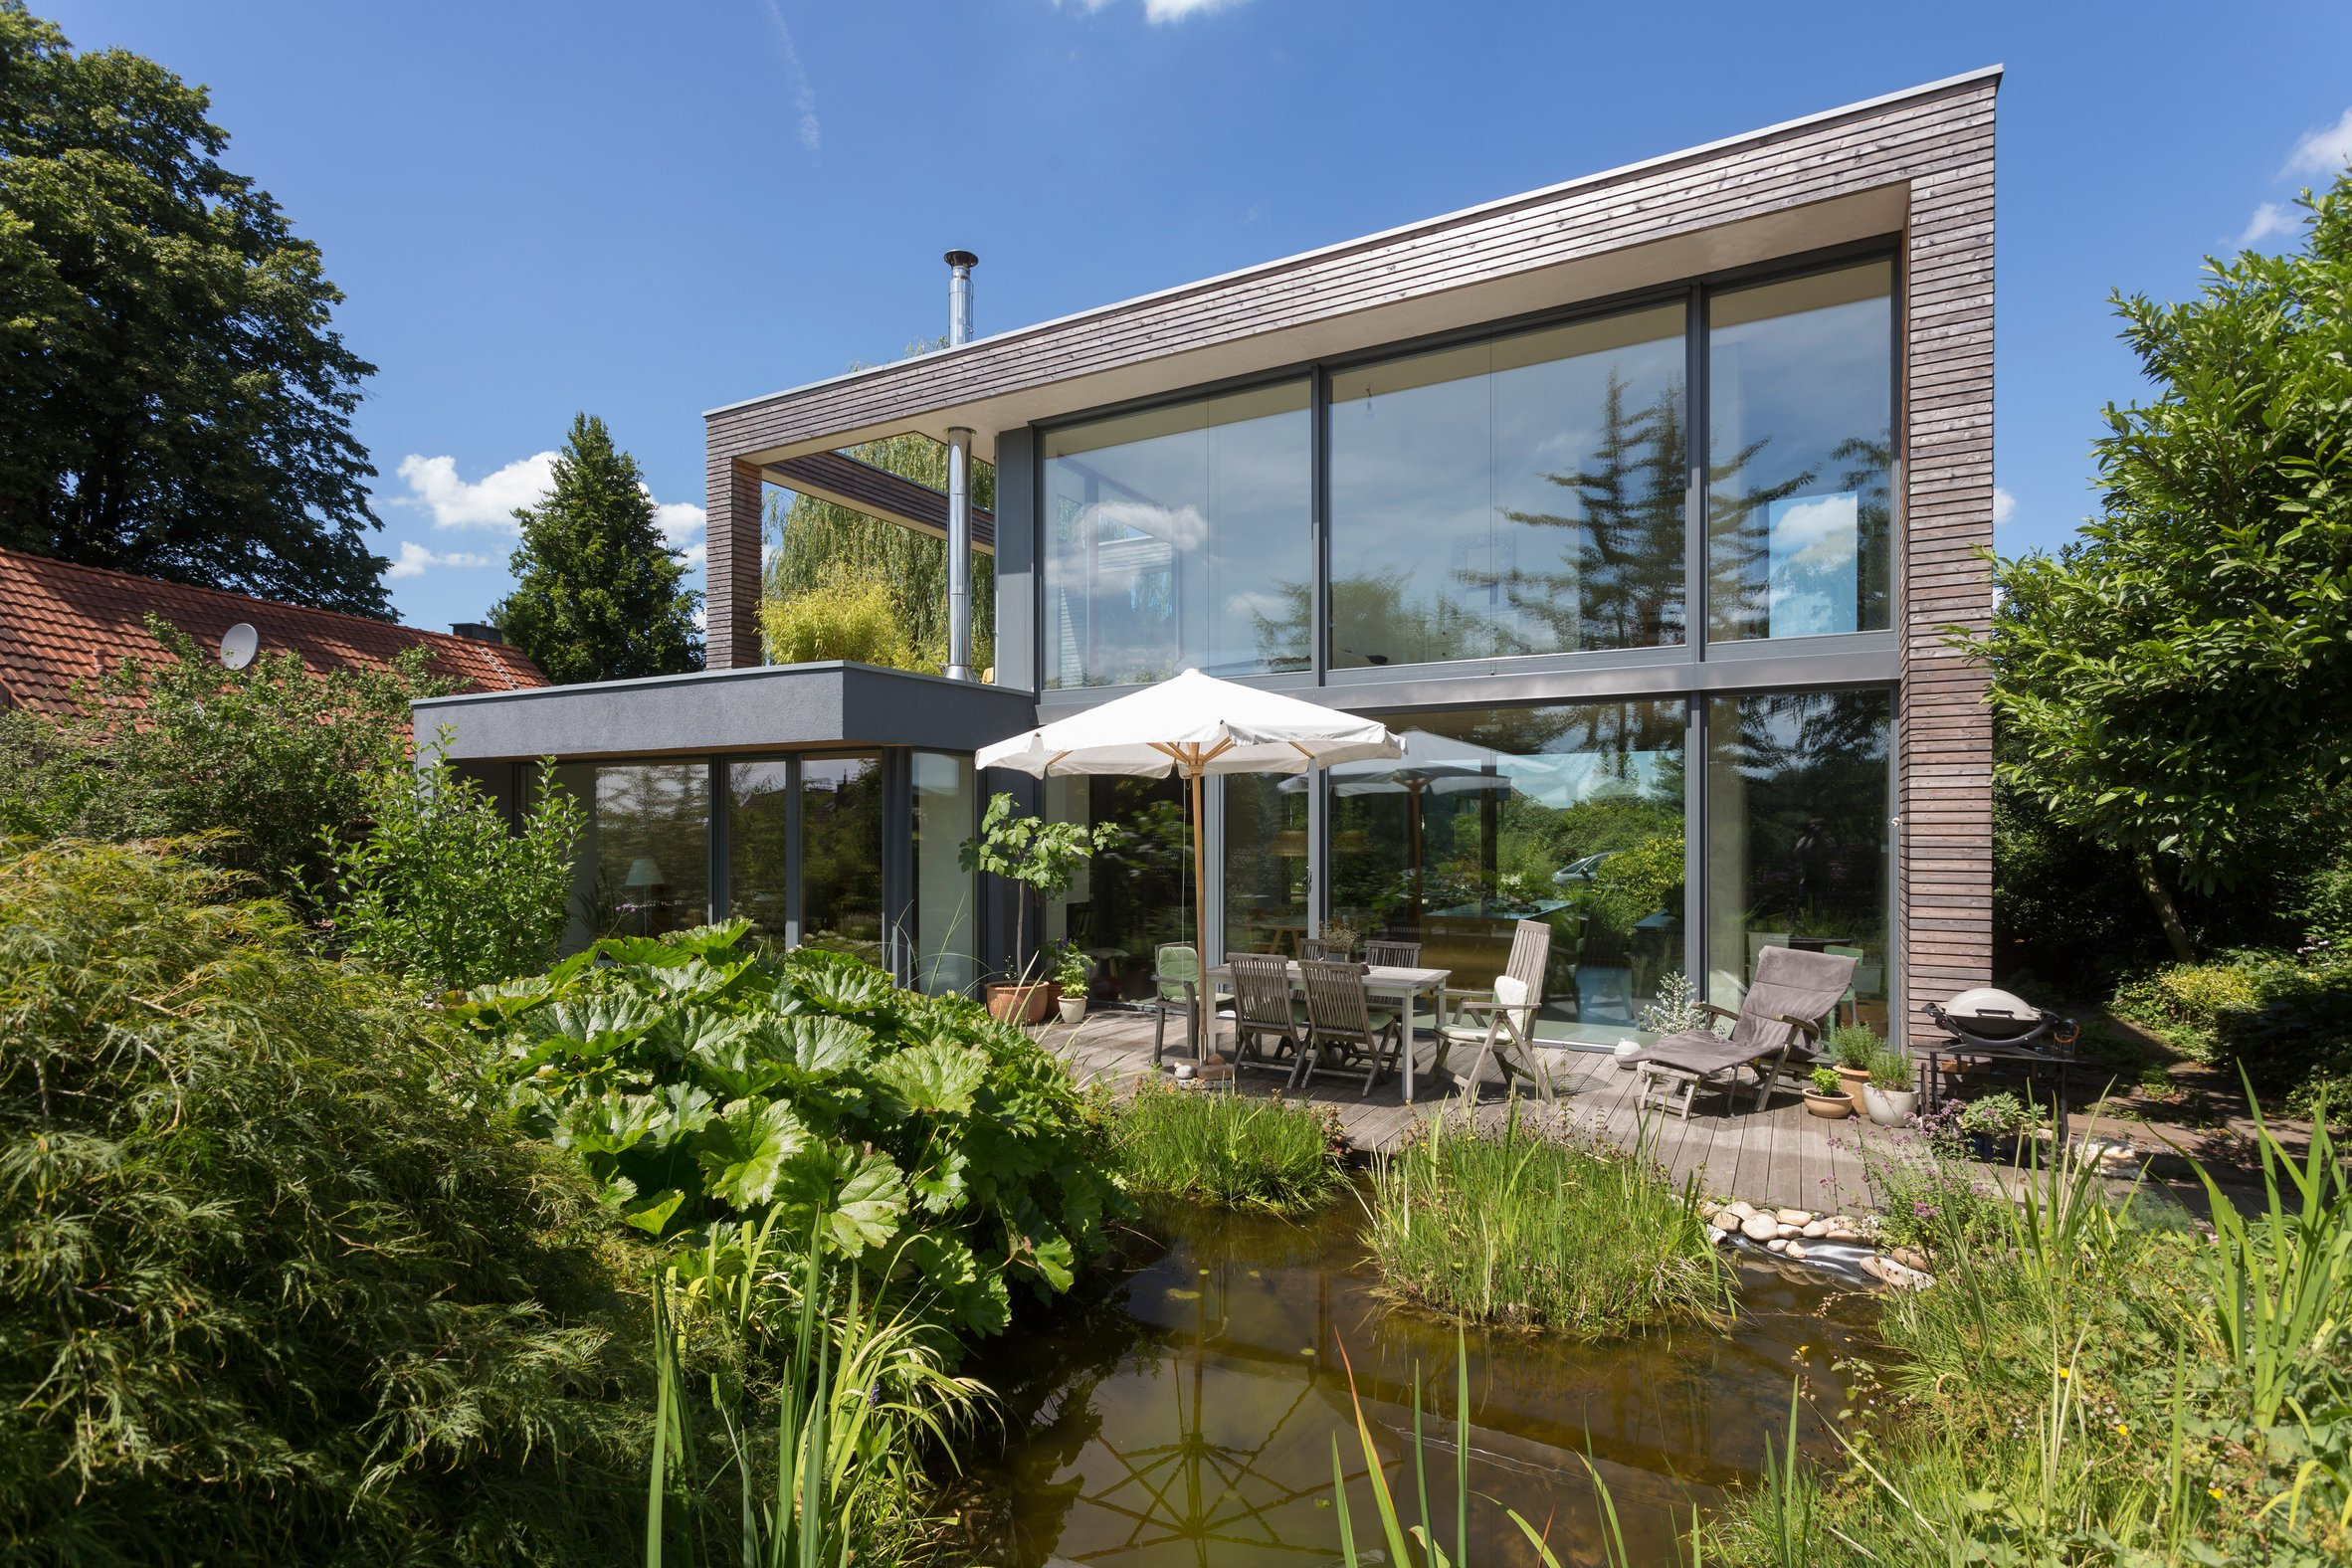 Holzhausbau Peters Terrasse Garten